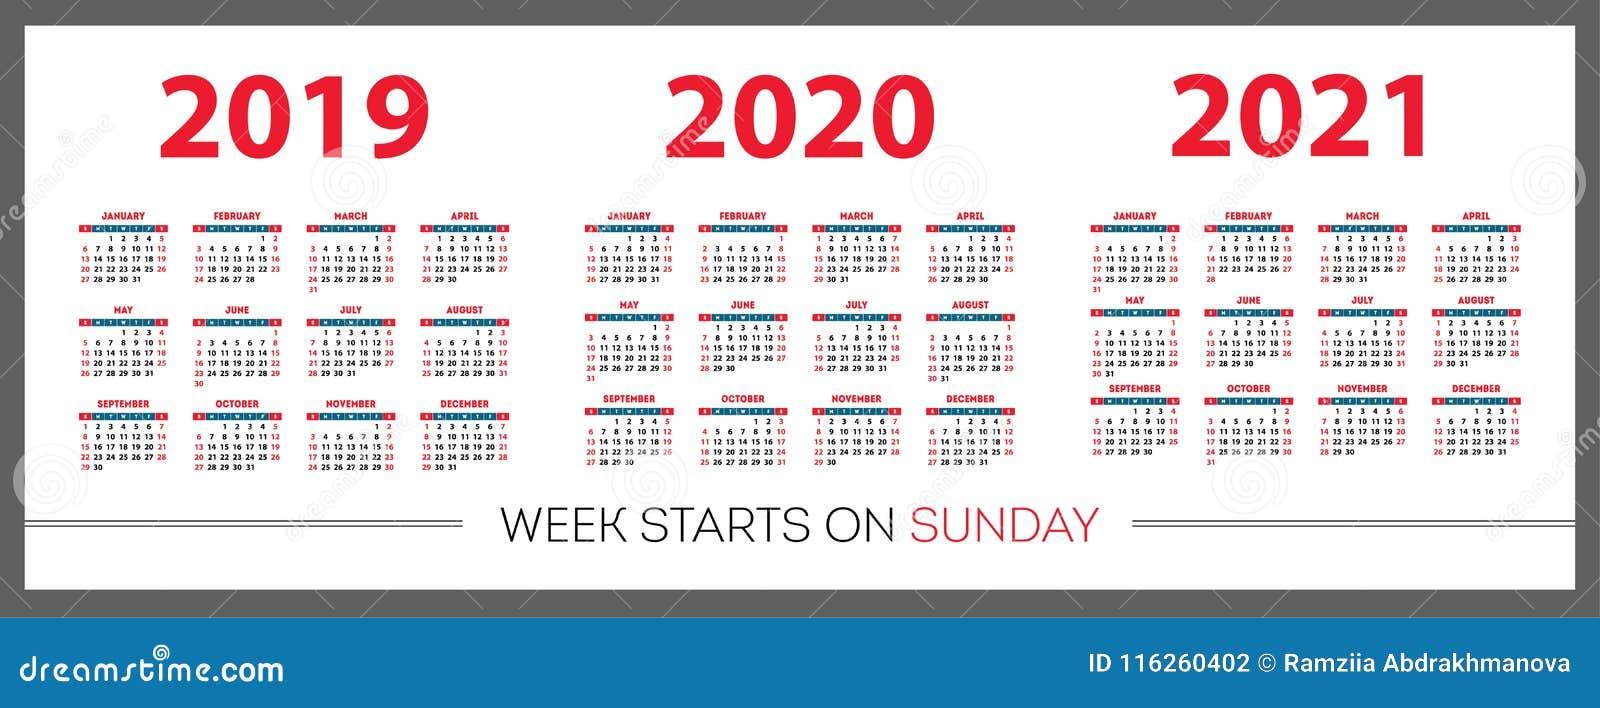 Calendario Anno 2020.Il Calendario Ha Messo 2019 2020 2021 Anno Colore Rosso